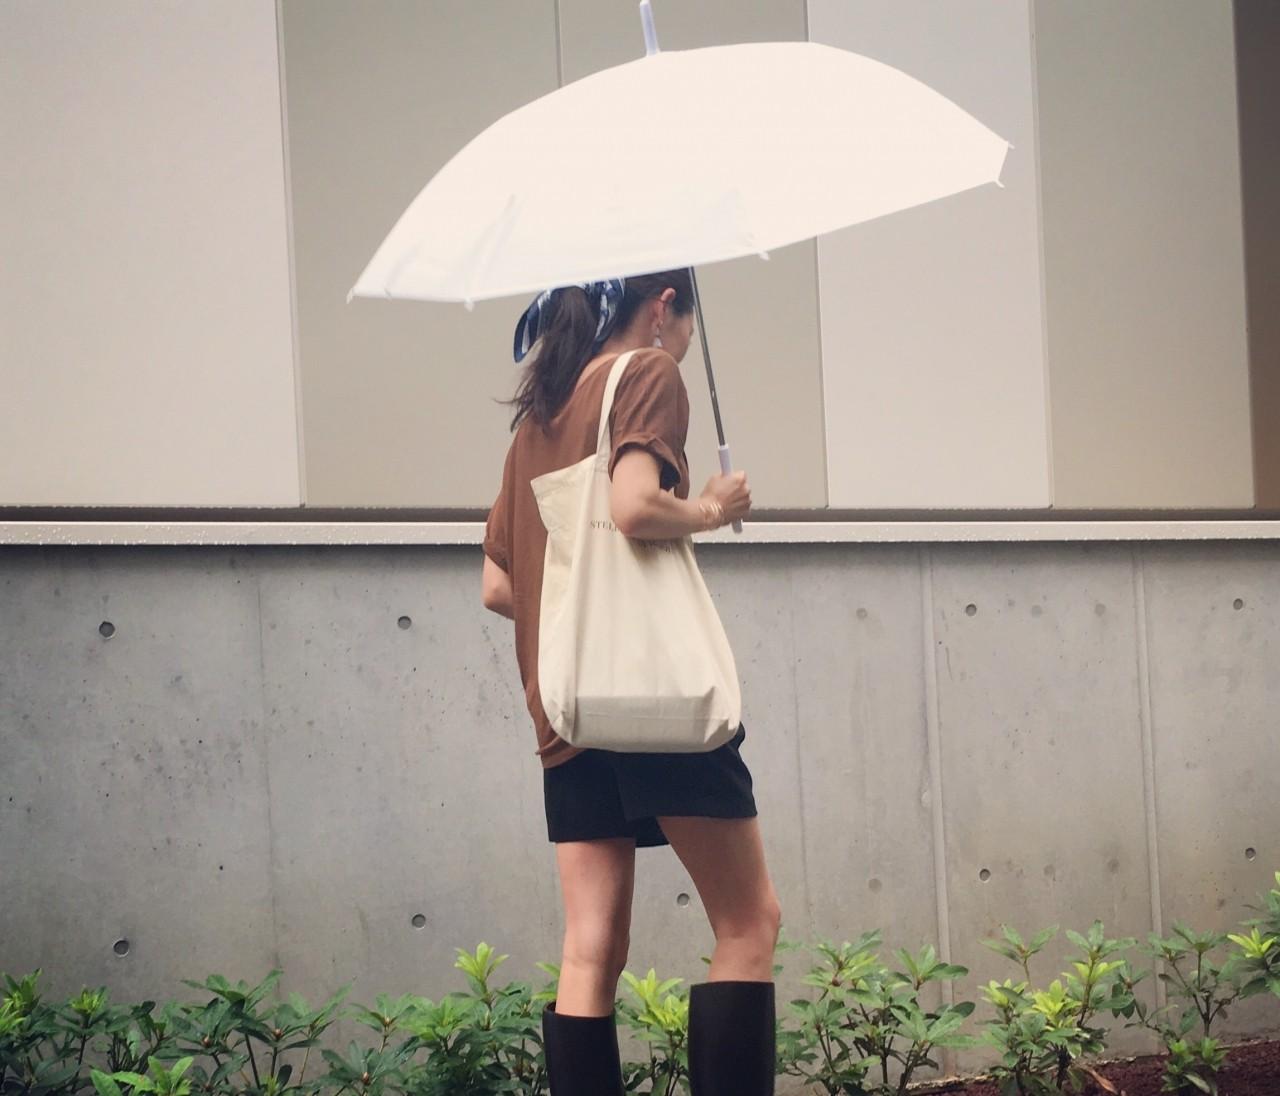 ビッグT×ショートパンツ×レインブーツで雨の日コーデ。